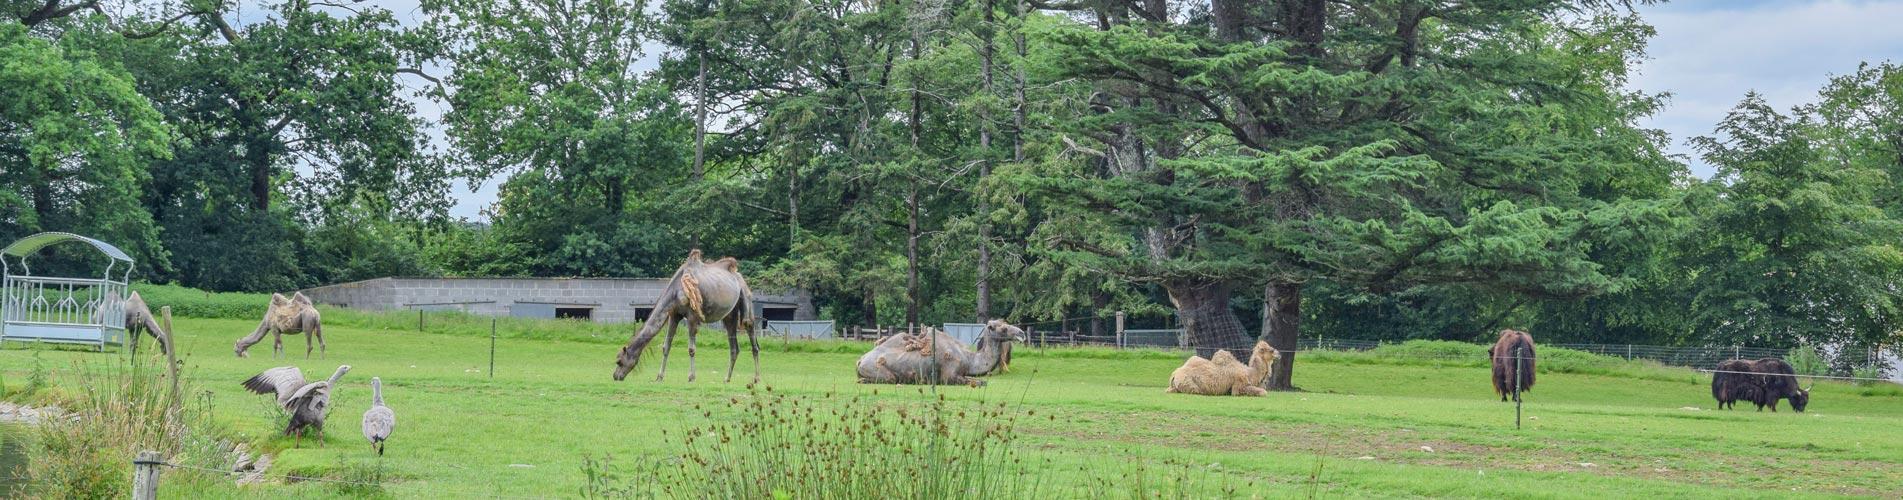 Parc de Branfere